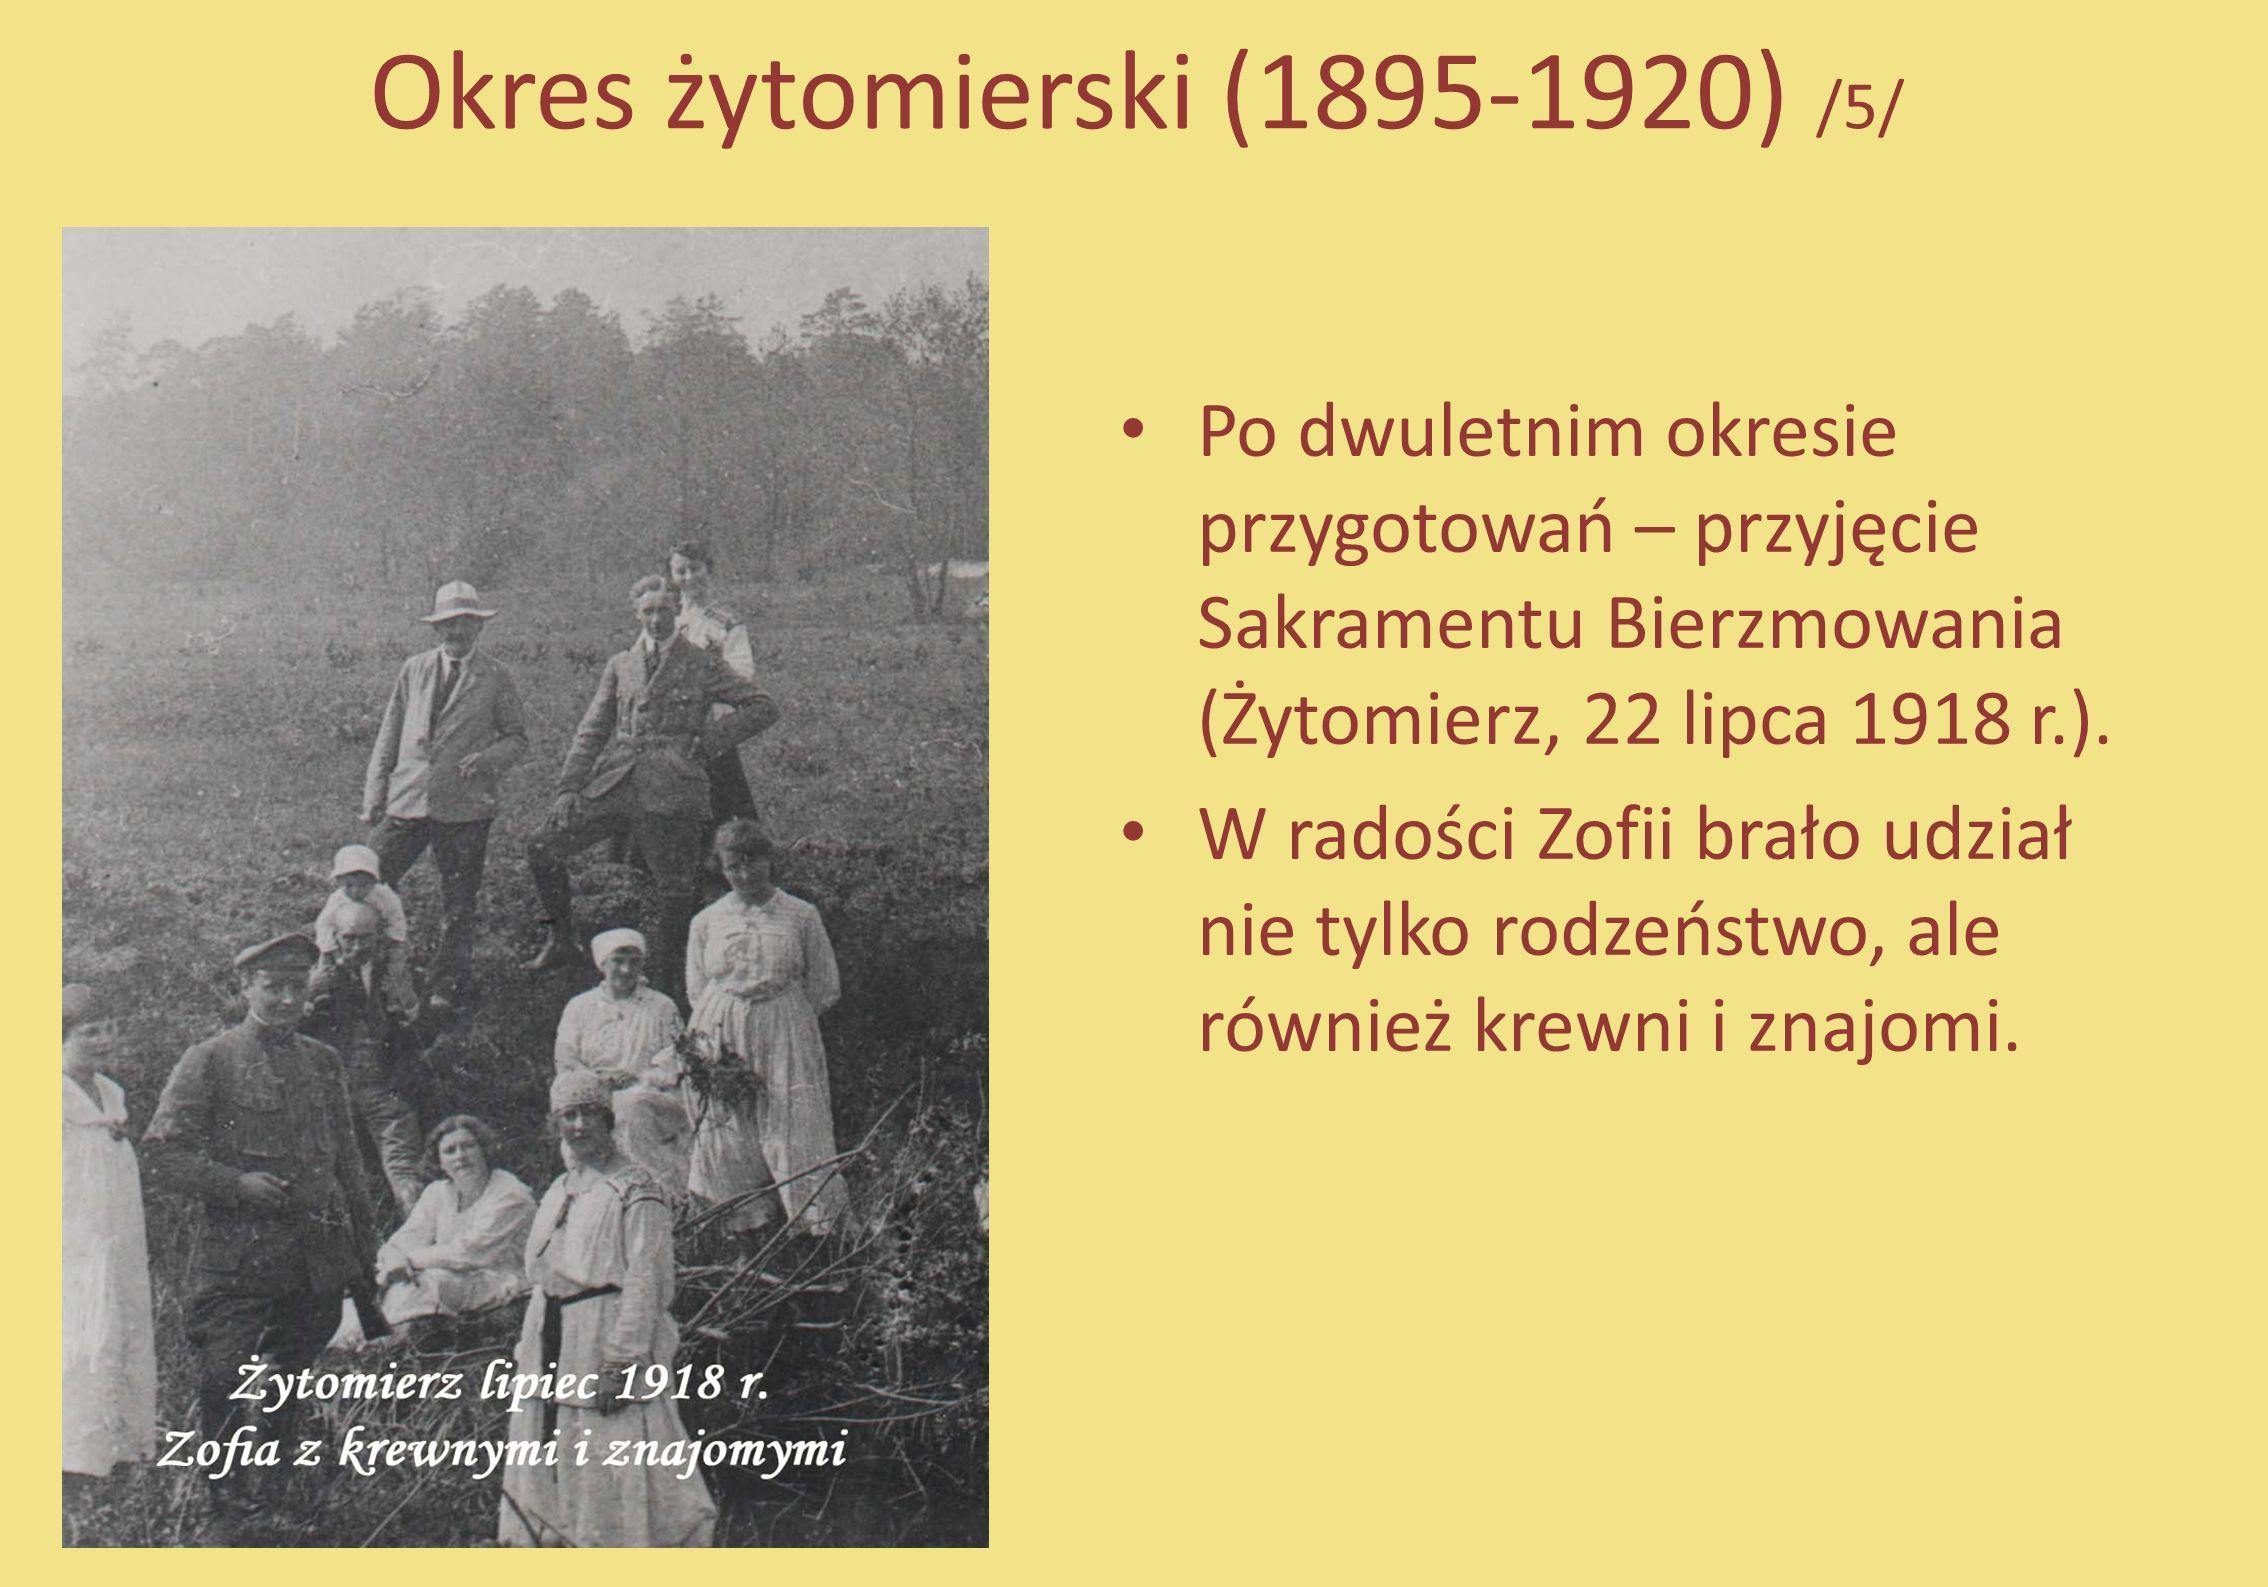 Okres żytomierski (1895-1920) /5/ Po dwuletnim okresie przygotowań – przyjęcie Sakramentu Bierzmowania (Żytomierz, 22 lipca 1918 r.). W radości Zofii